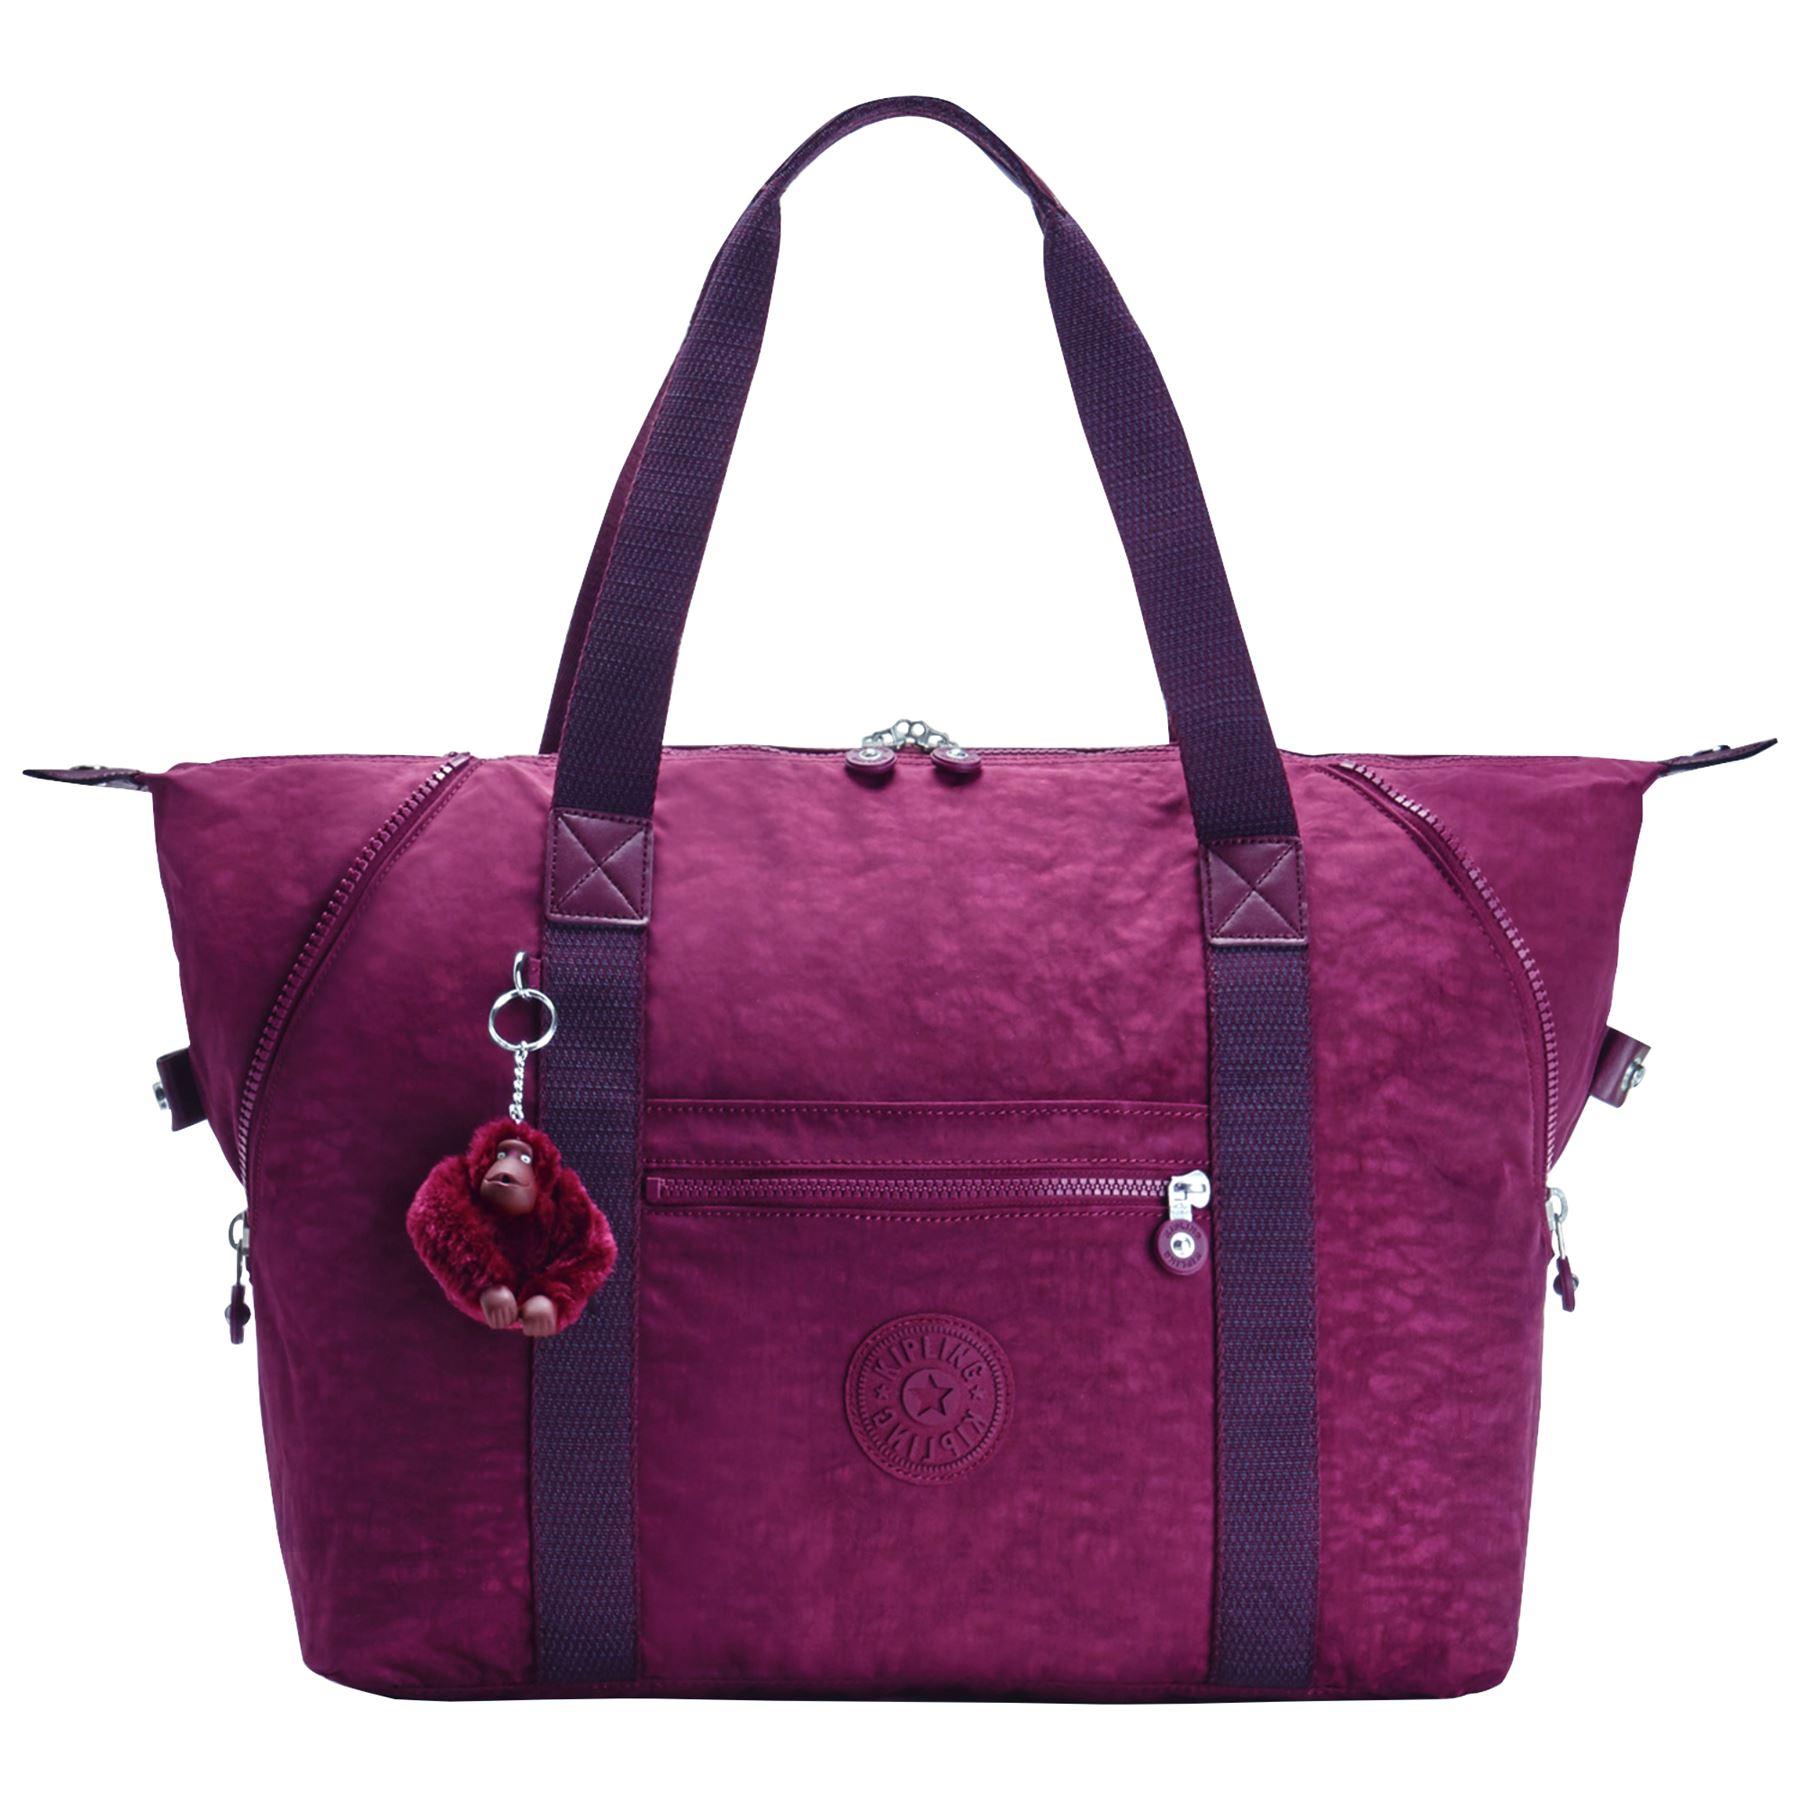 Kipling-Art-M-Shape-amp-Size-Changling-Travel-Gym-Shopping-Shoulder-Tote-Bag